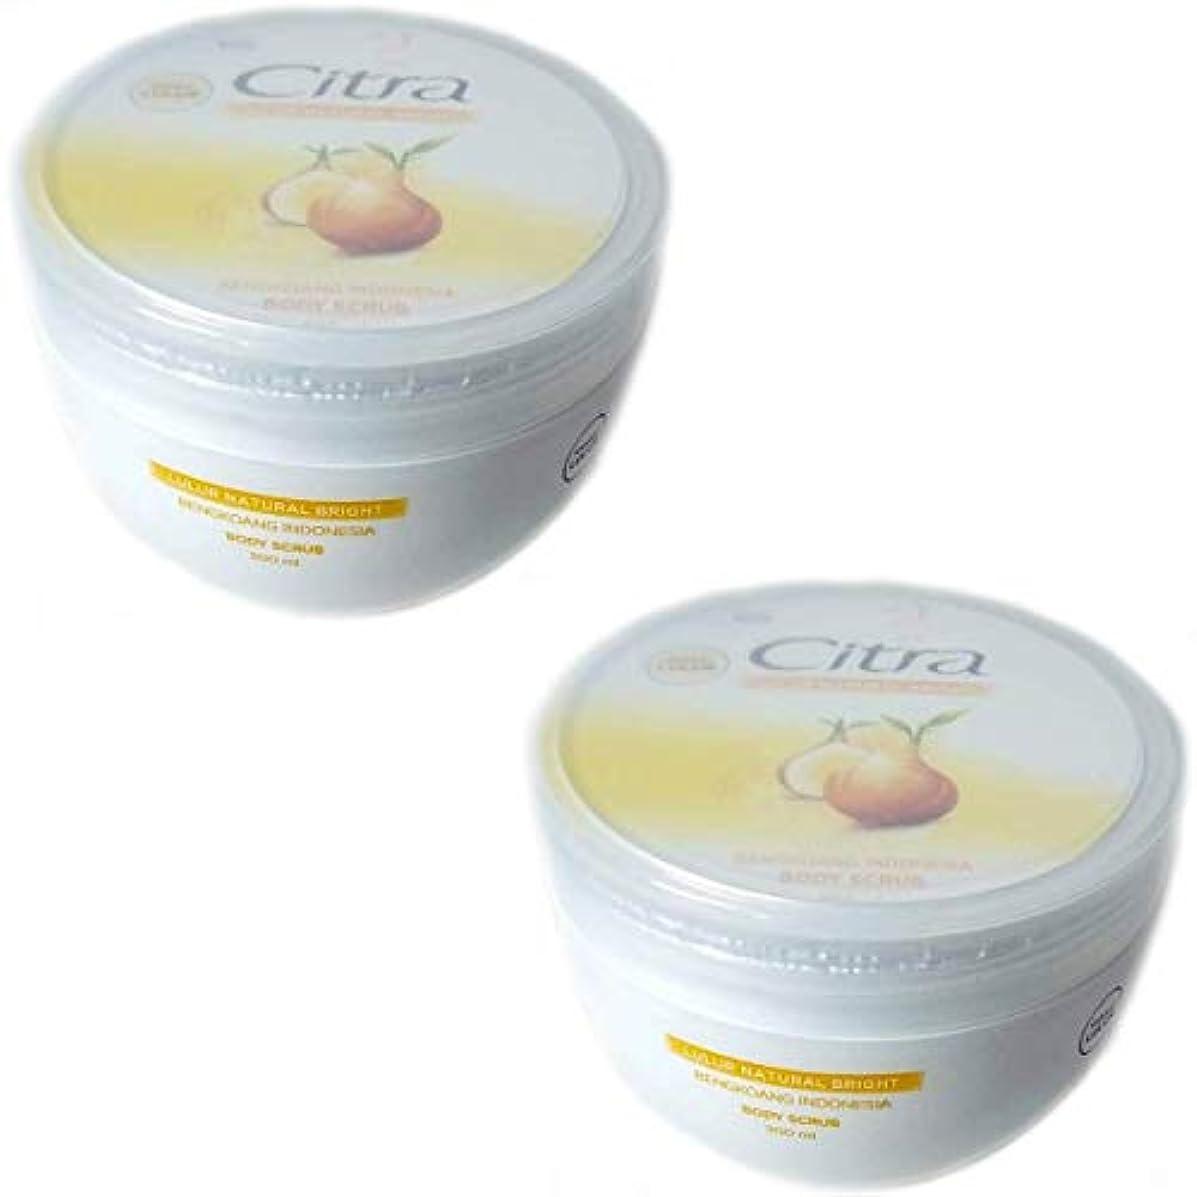 食べる想定する複合Citra チトラ ボディスクラブ Lulur Natural Bright ブンコアン 200ml × 2個セット [海外直送品]